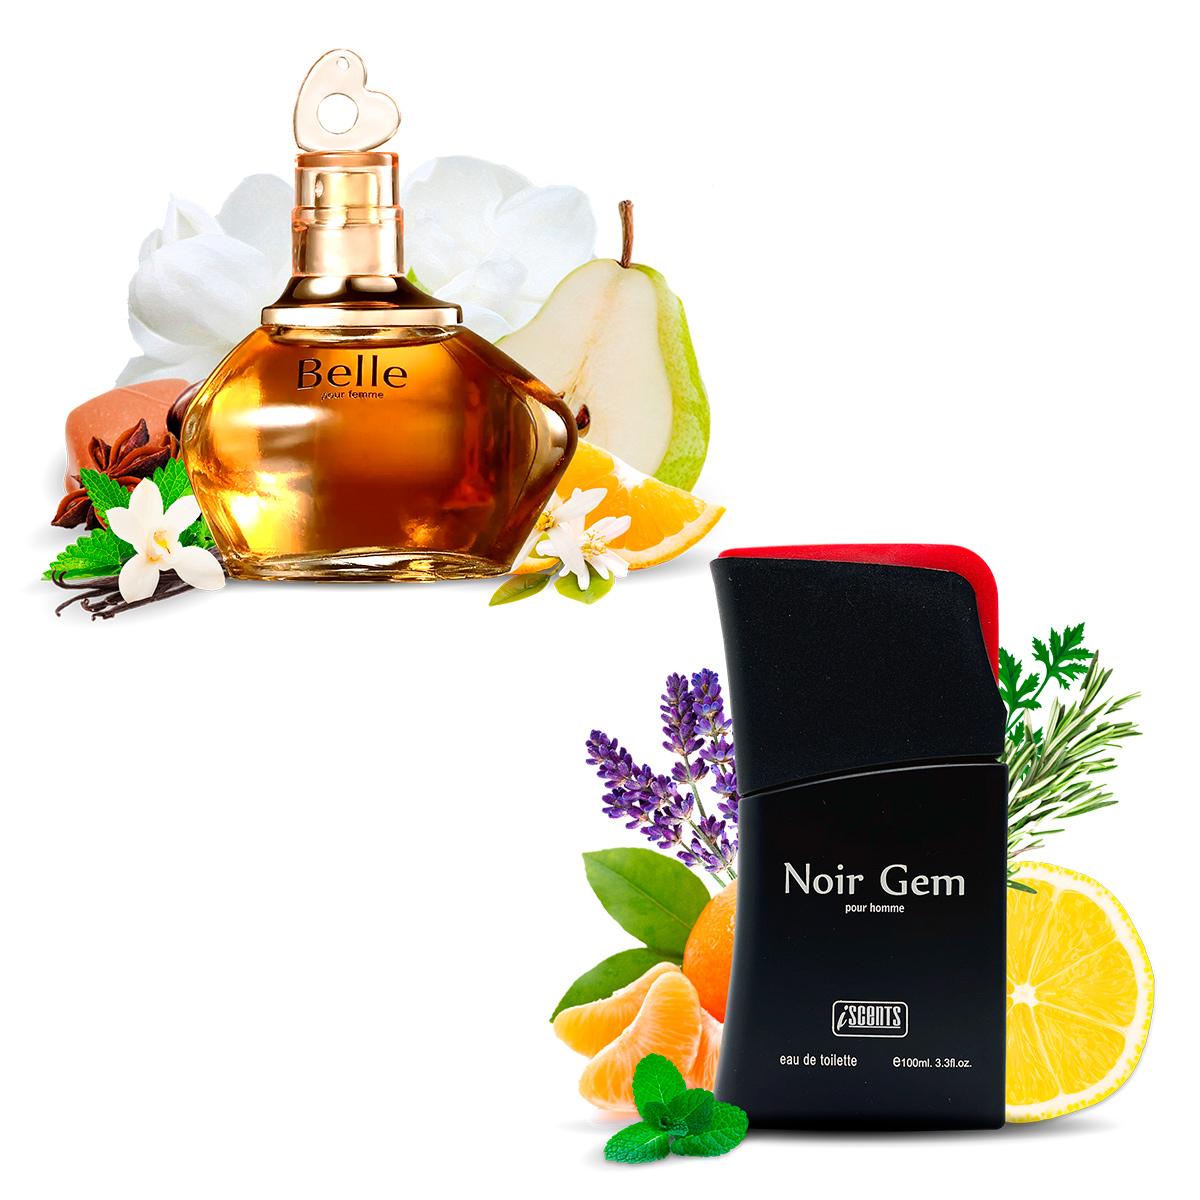 Kit 2 Perfumes Importados Belle e Noir Gem I Scents